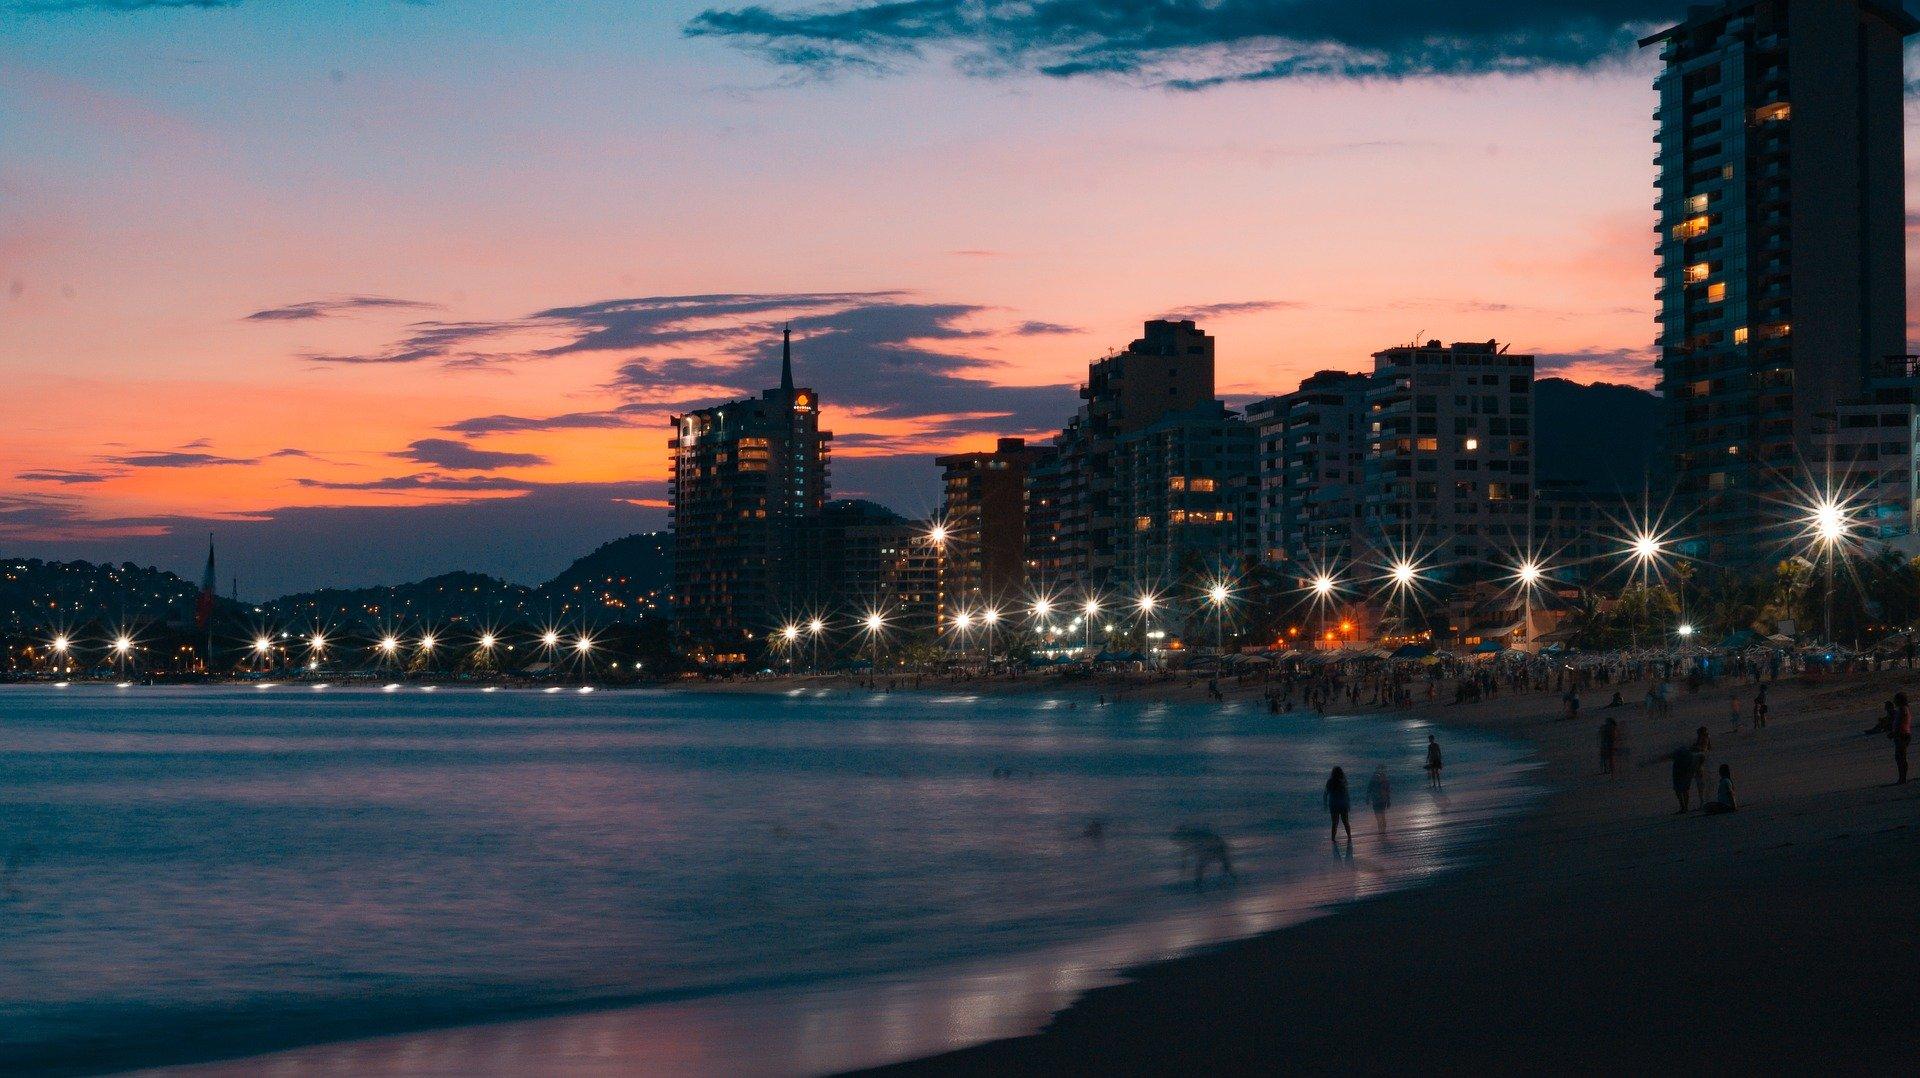 Atardecer en la Playa de Acapulco Guerrero